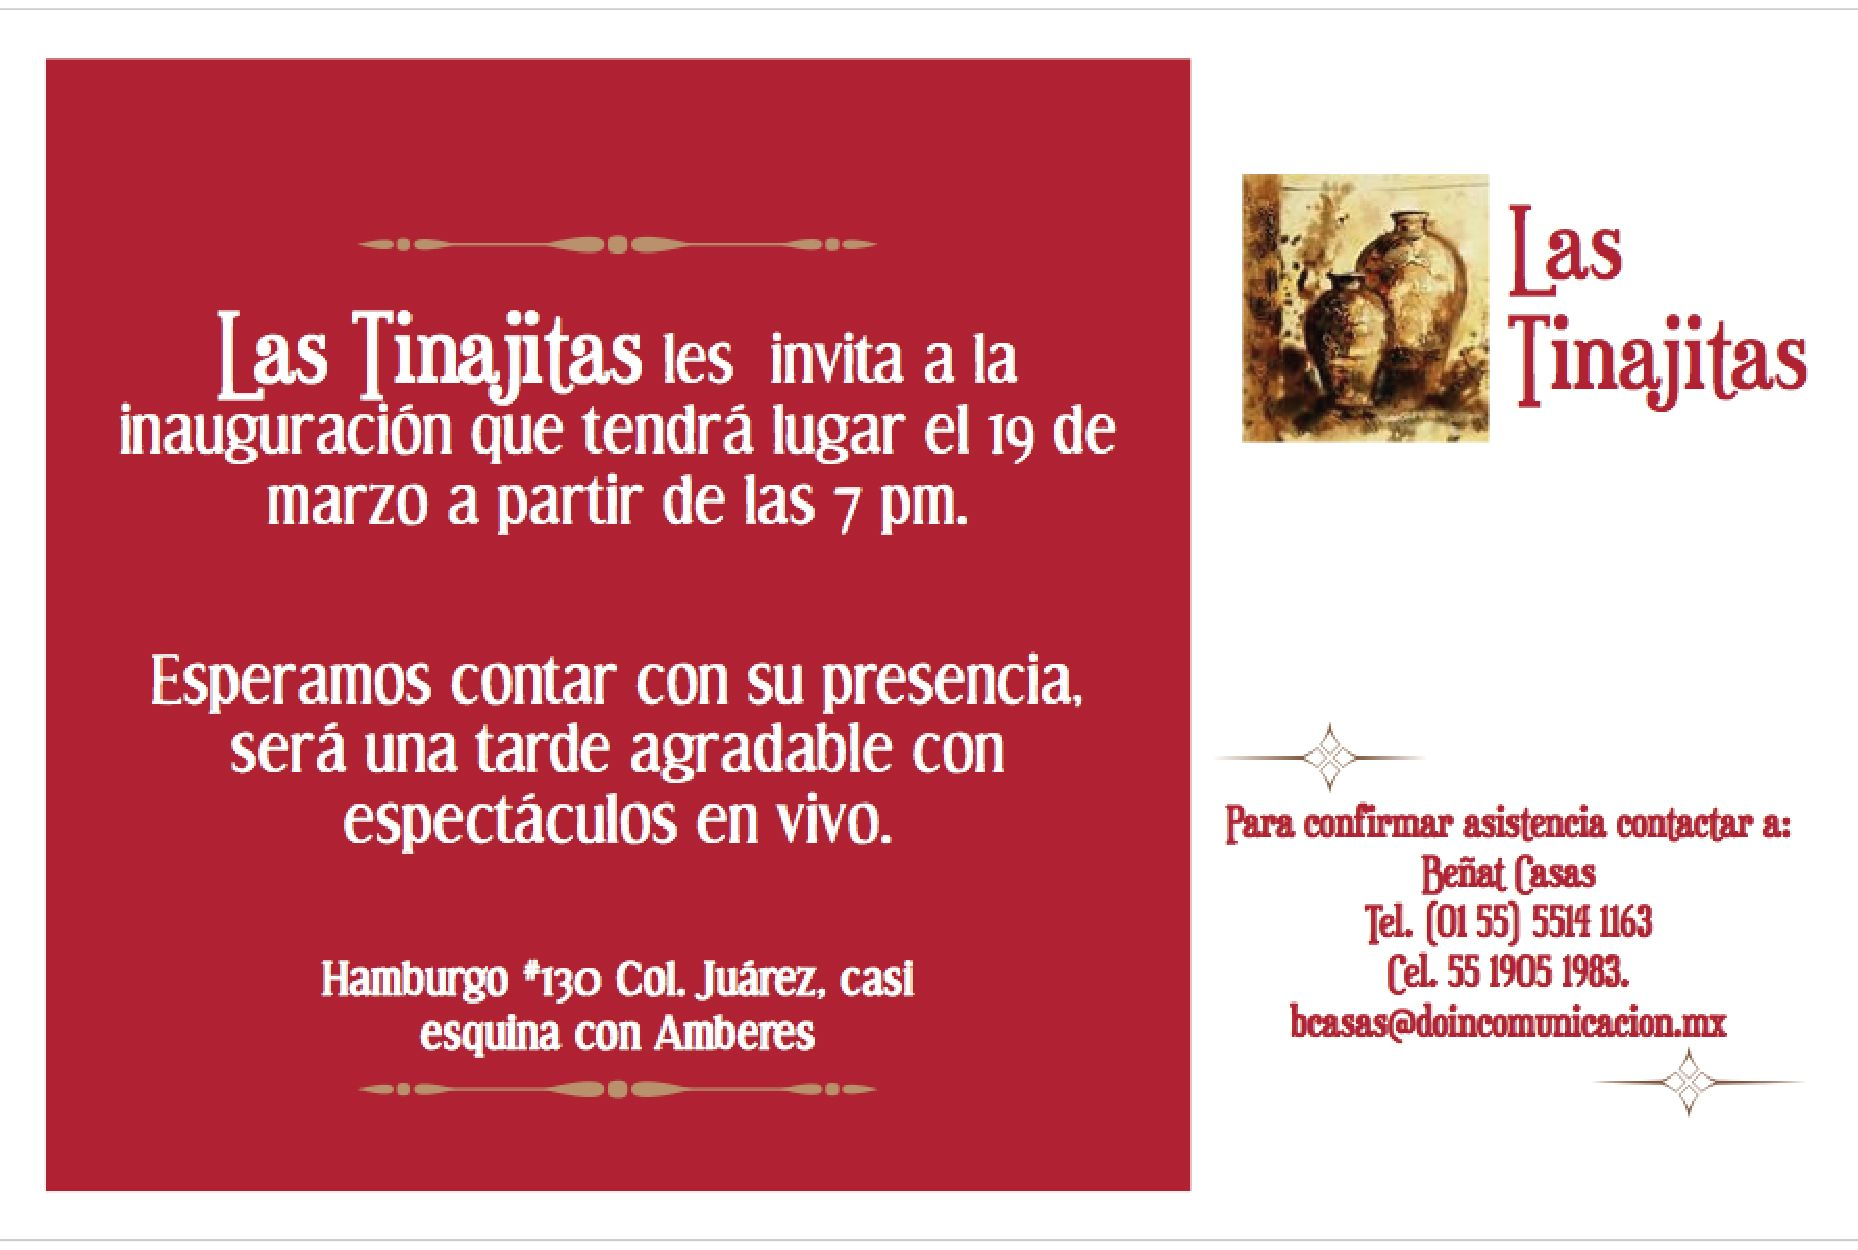 Empresa Las Tinajitas España Flyers Publicitarios Para